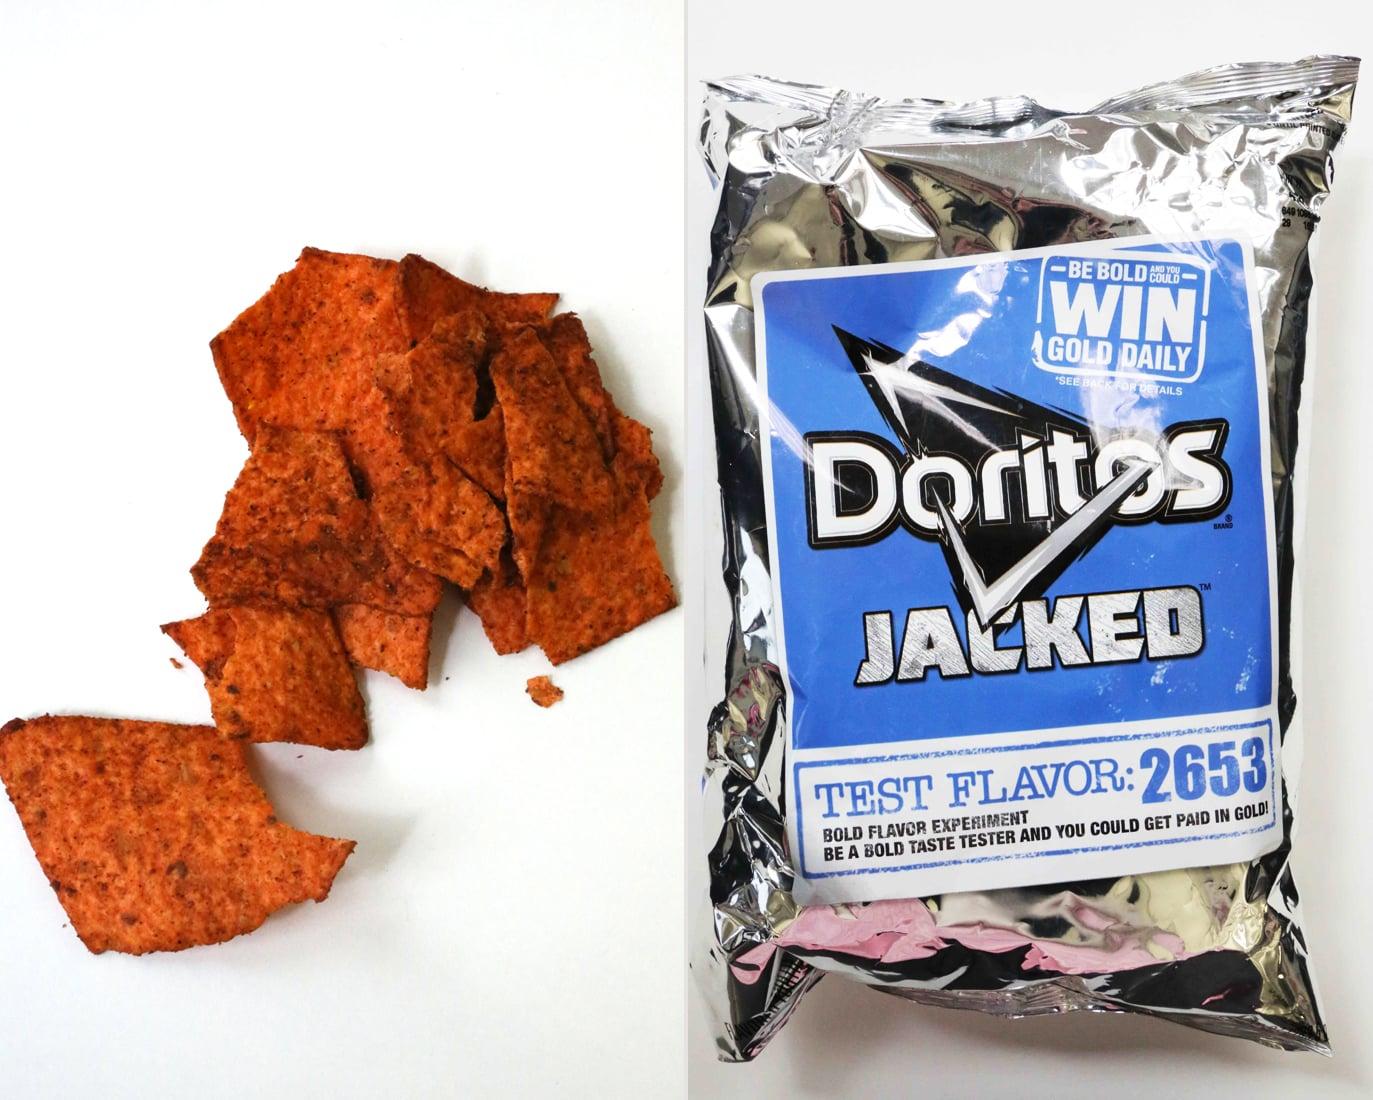 Doritos Jacked: Test Flavor 2653